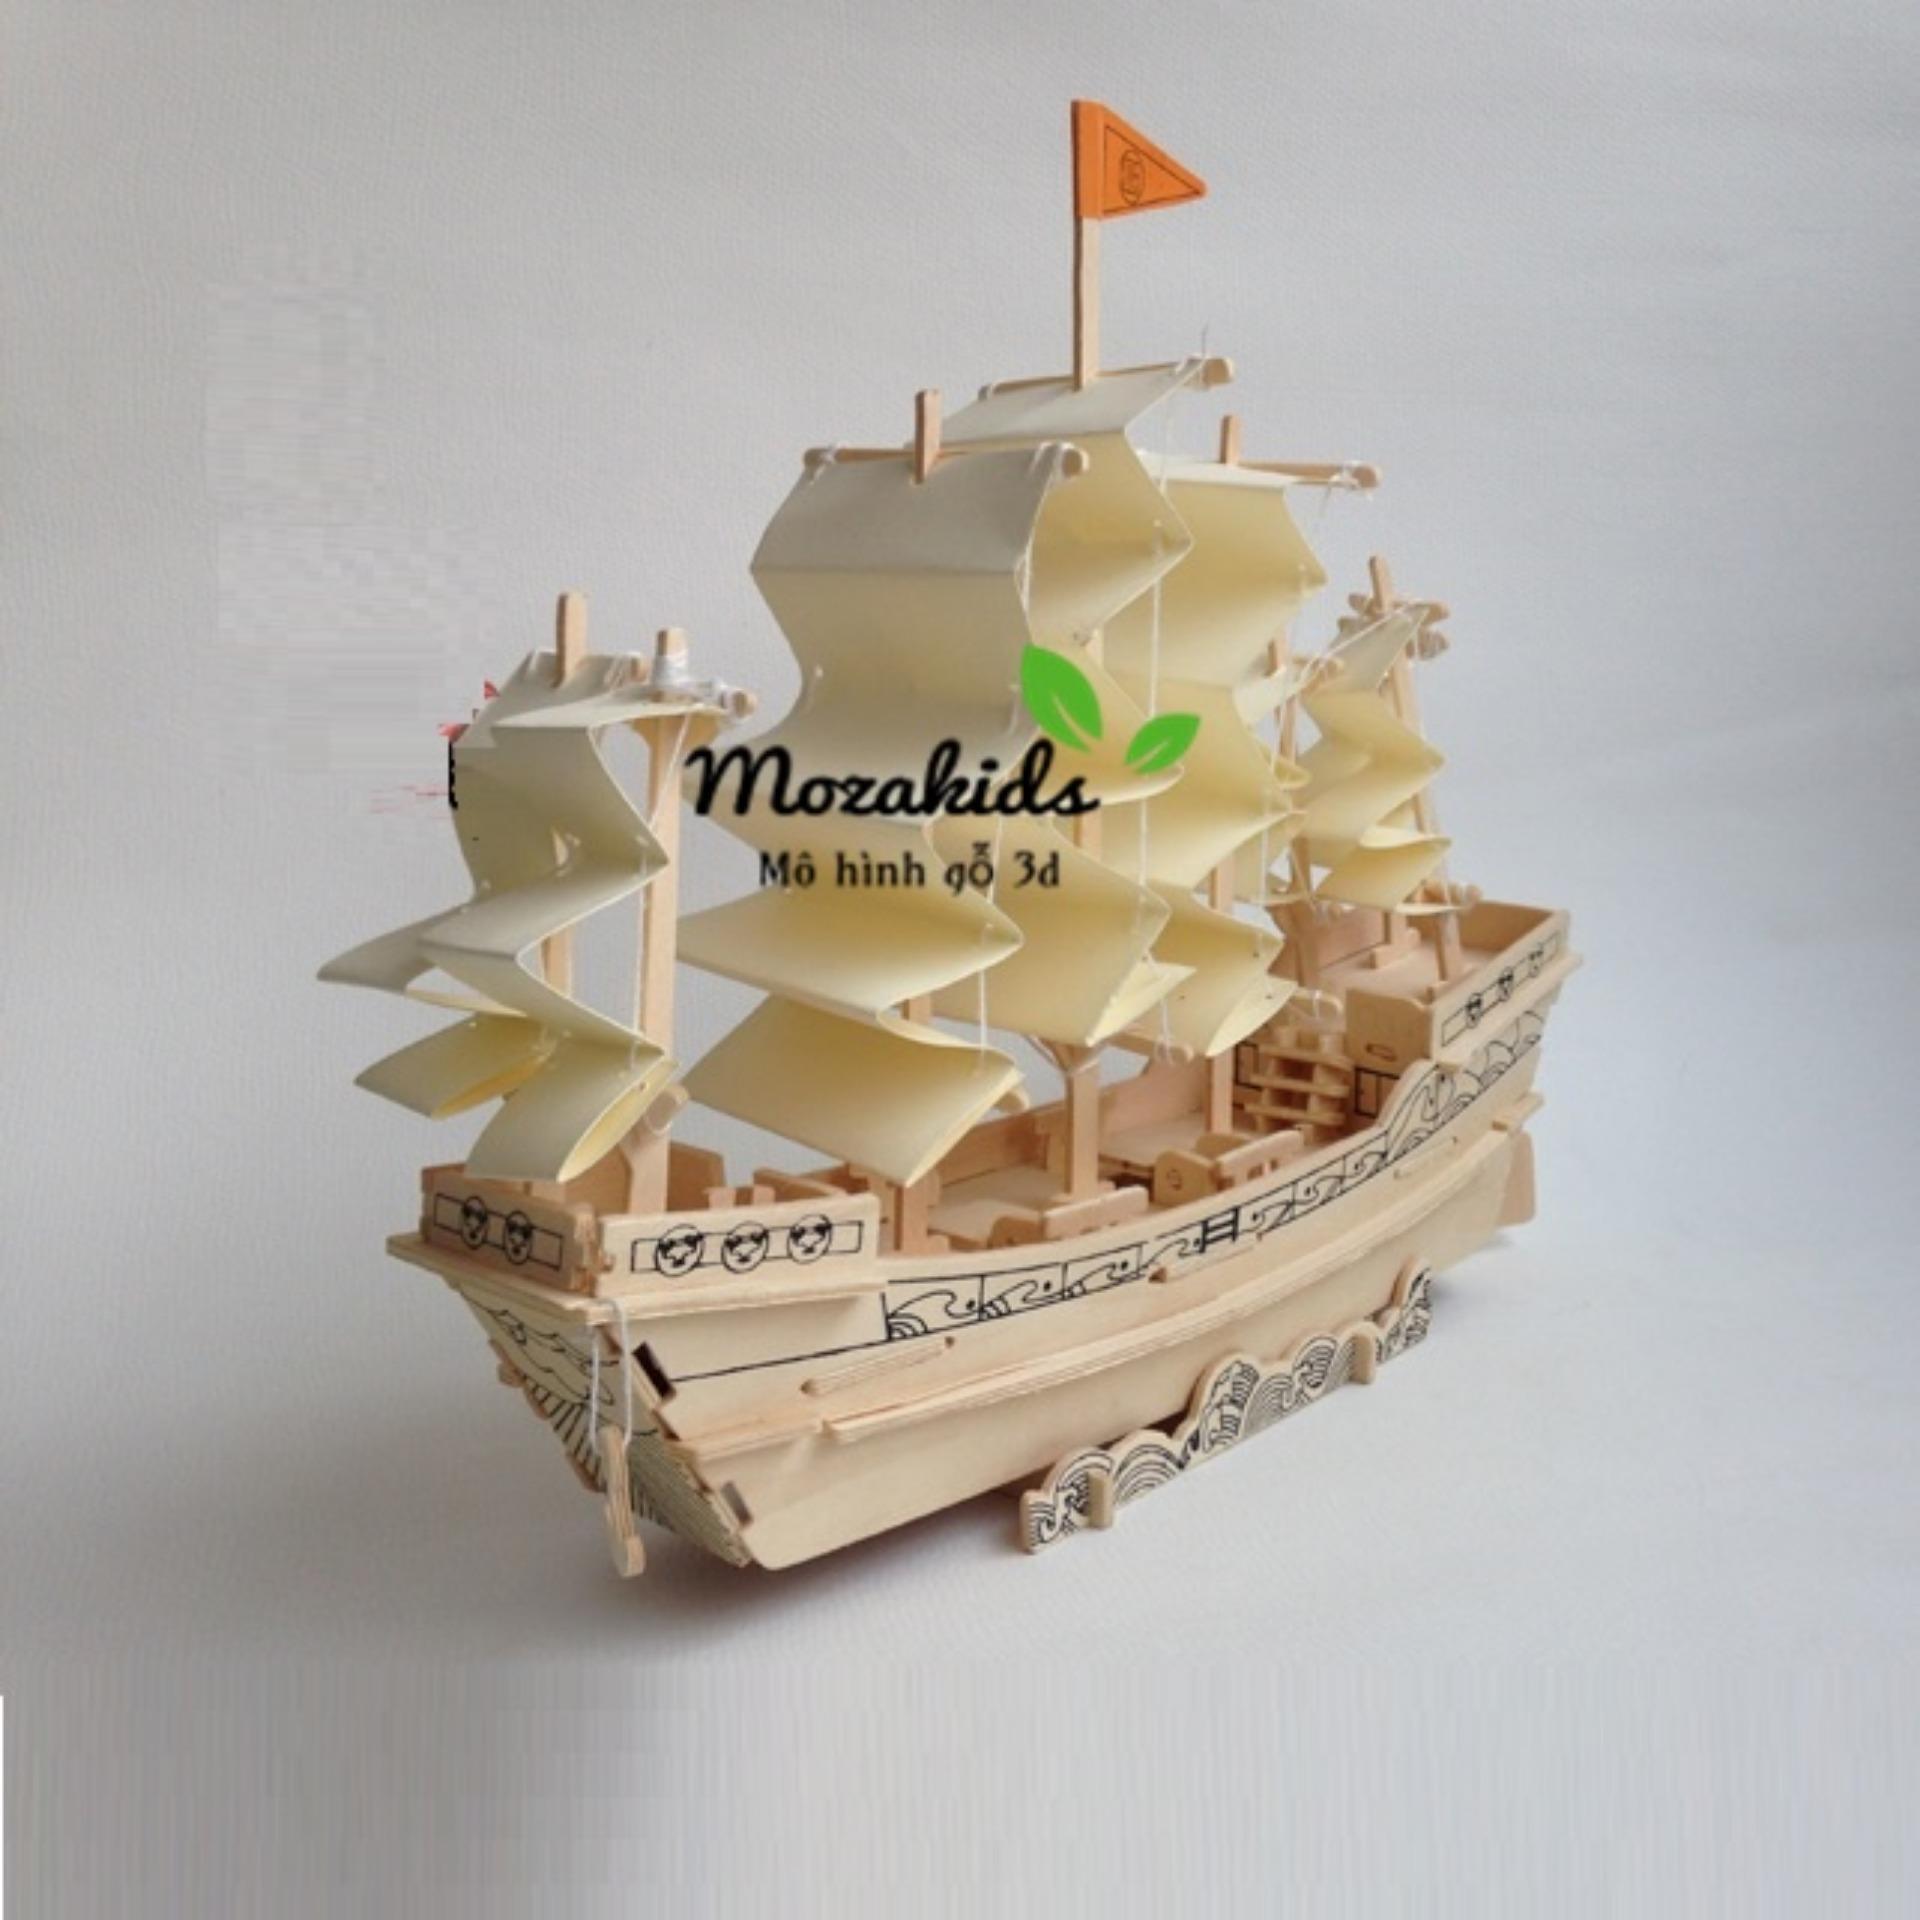 Hình ảnh Đồ chơi lắp ráp gỗ 3D Mô hình Thuyền Nhà Minh